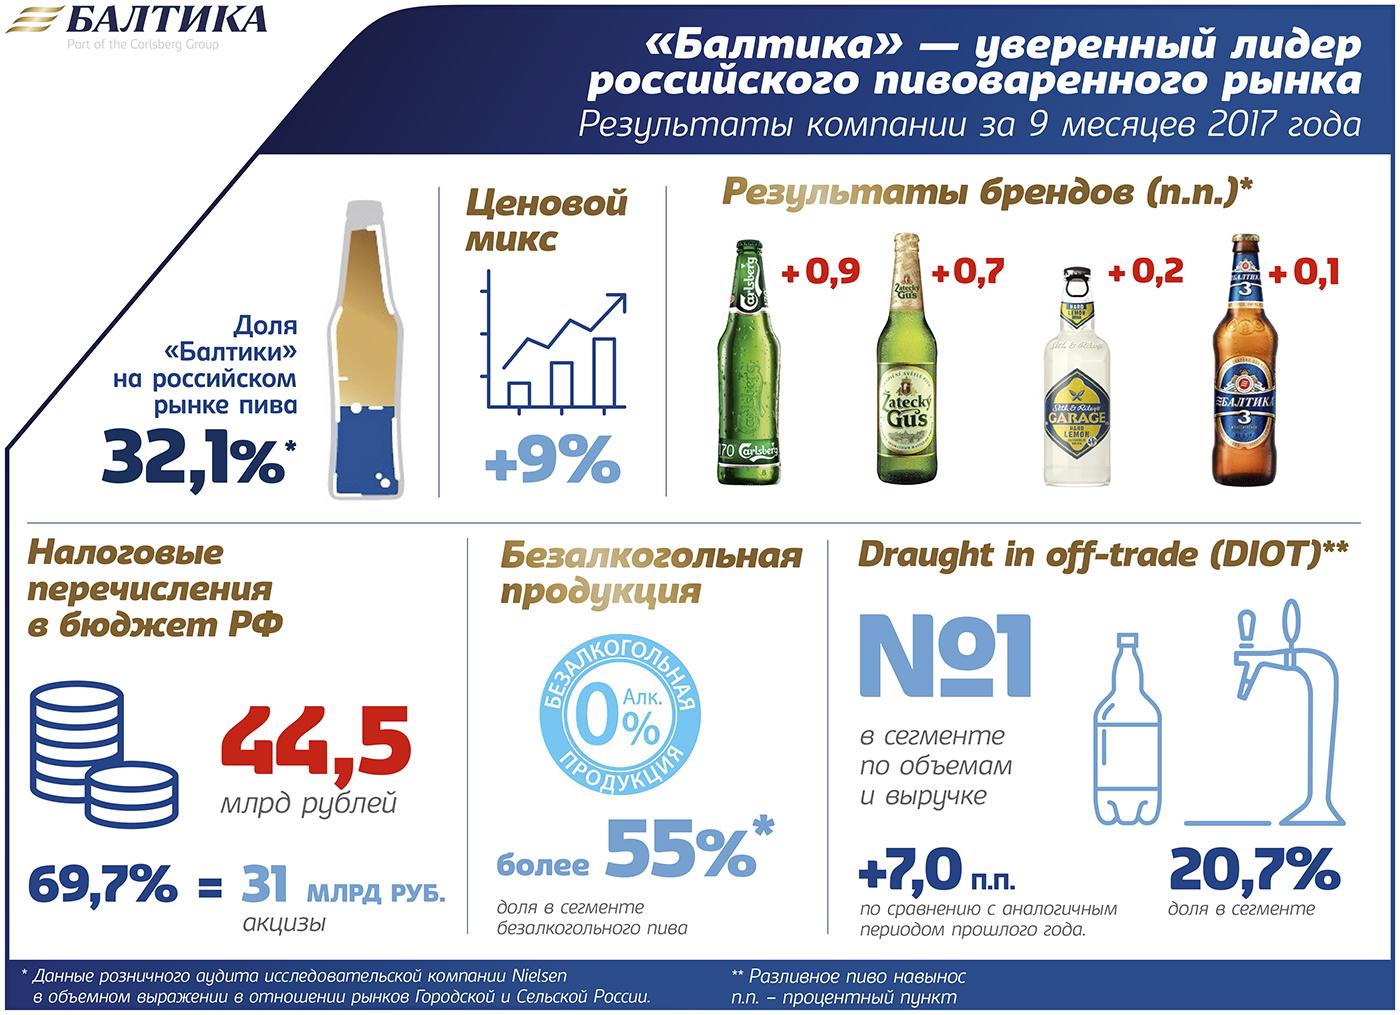 rezulytaty_kompani_baltika_za_9_mesyatsew_2017_goda1